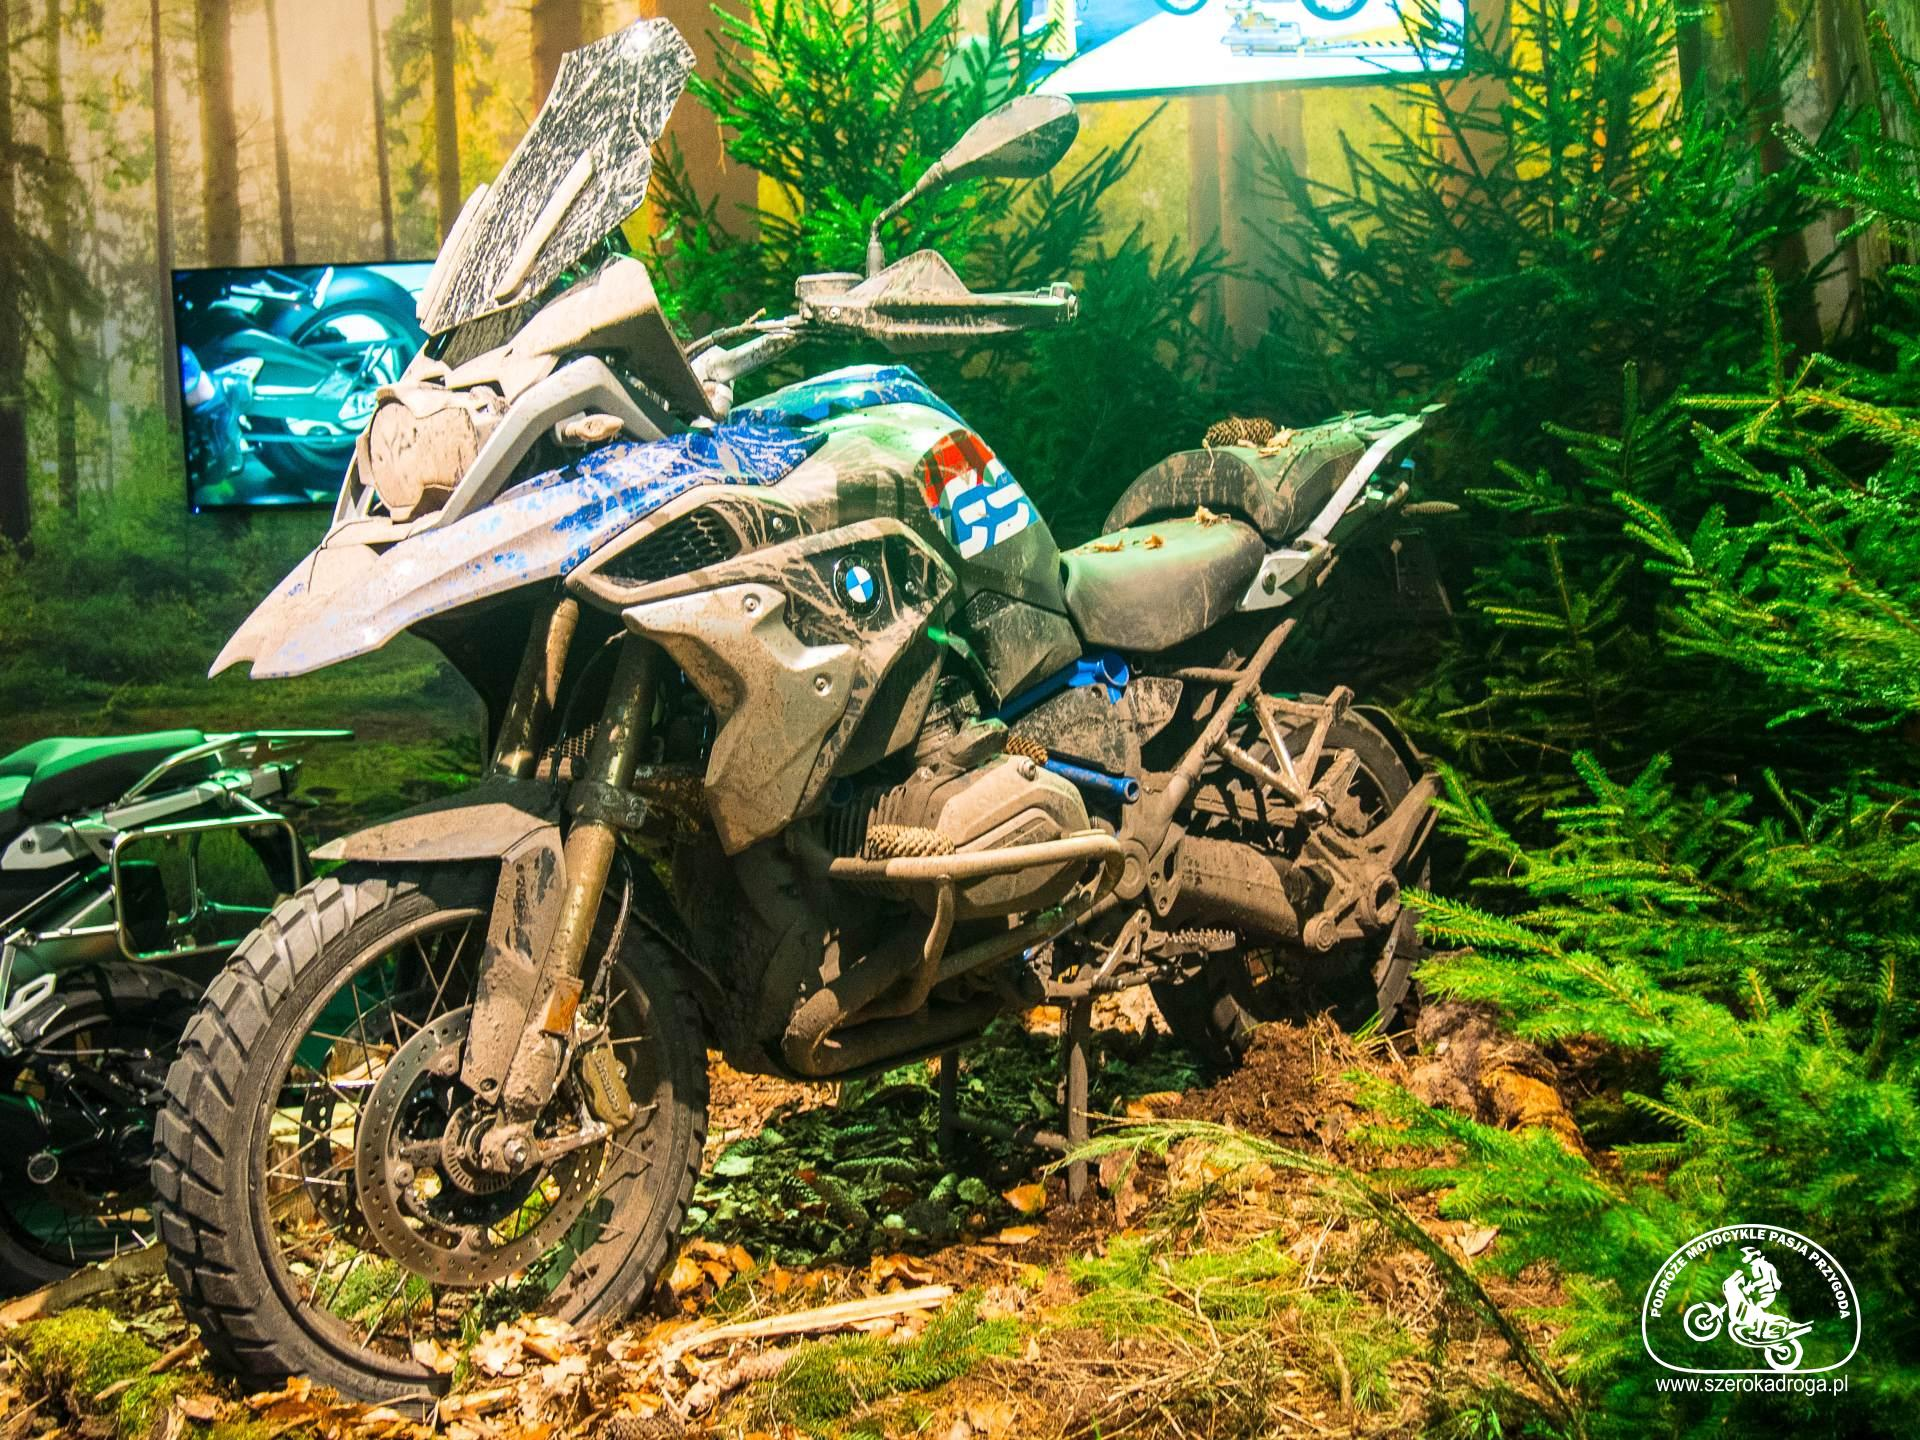 Wrocław Motorcycyle Show 2017, motocyklowe gadżety